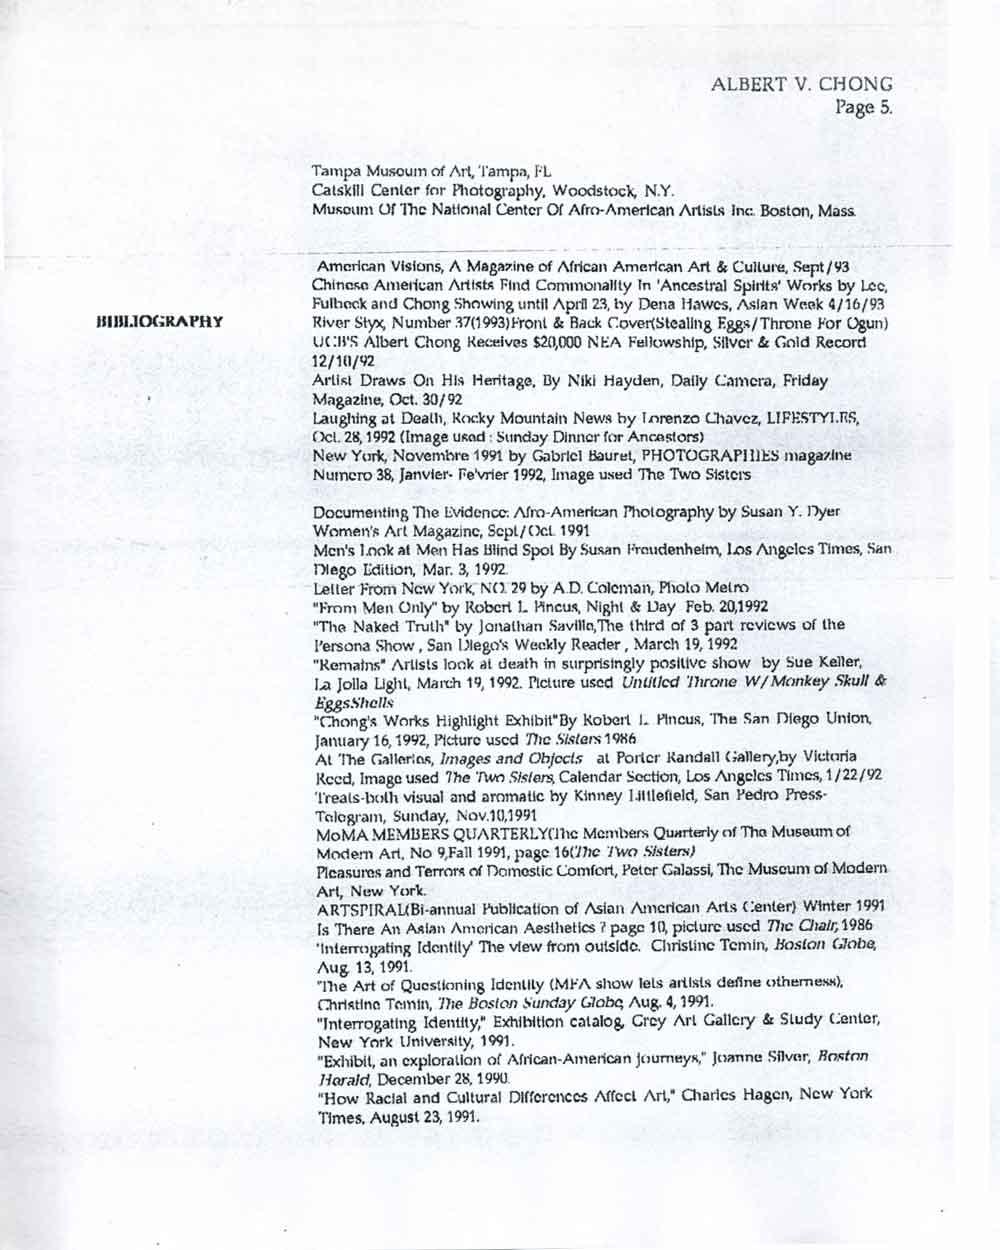 Albert Chong's Resume, pg 5